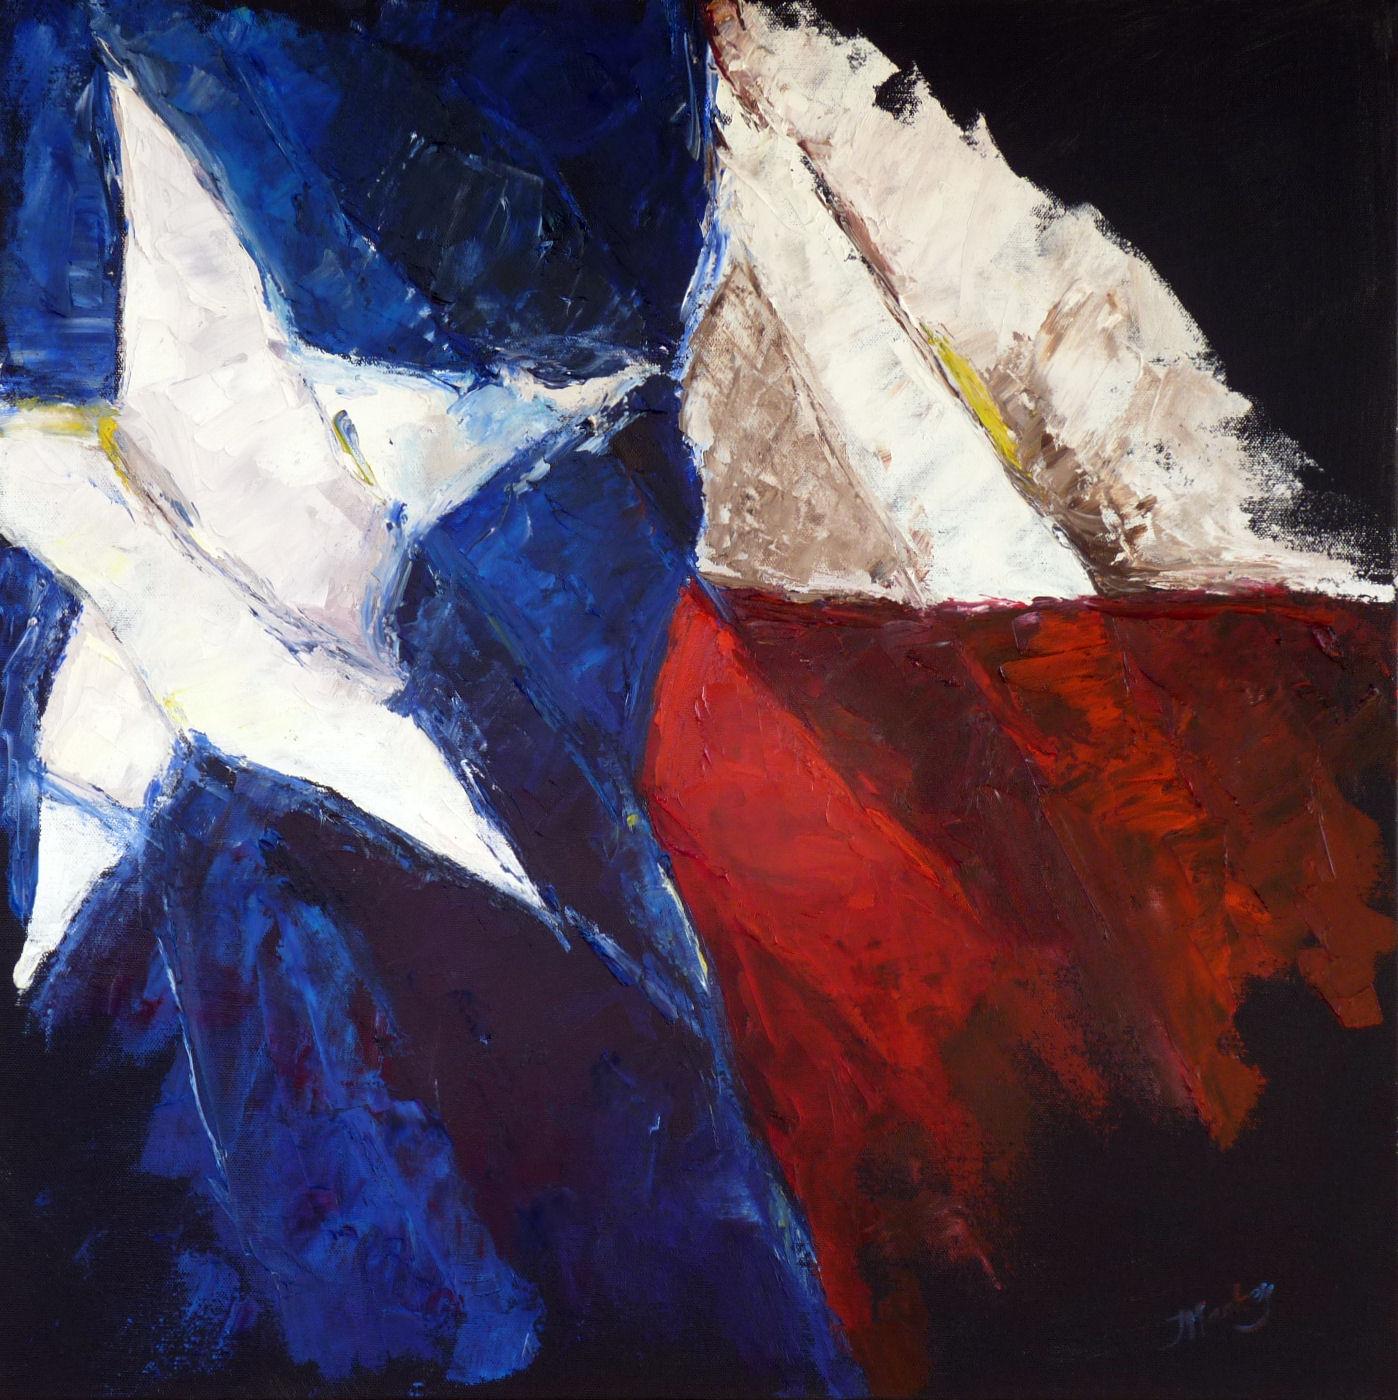 21613 Texas Star 24 x 24 x 15 oil on canvas